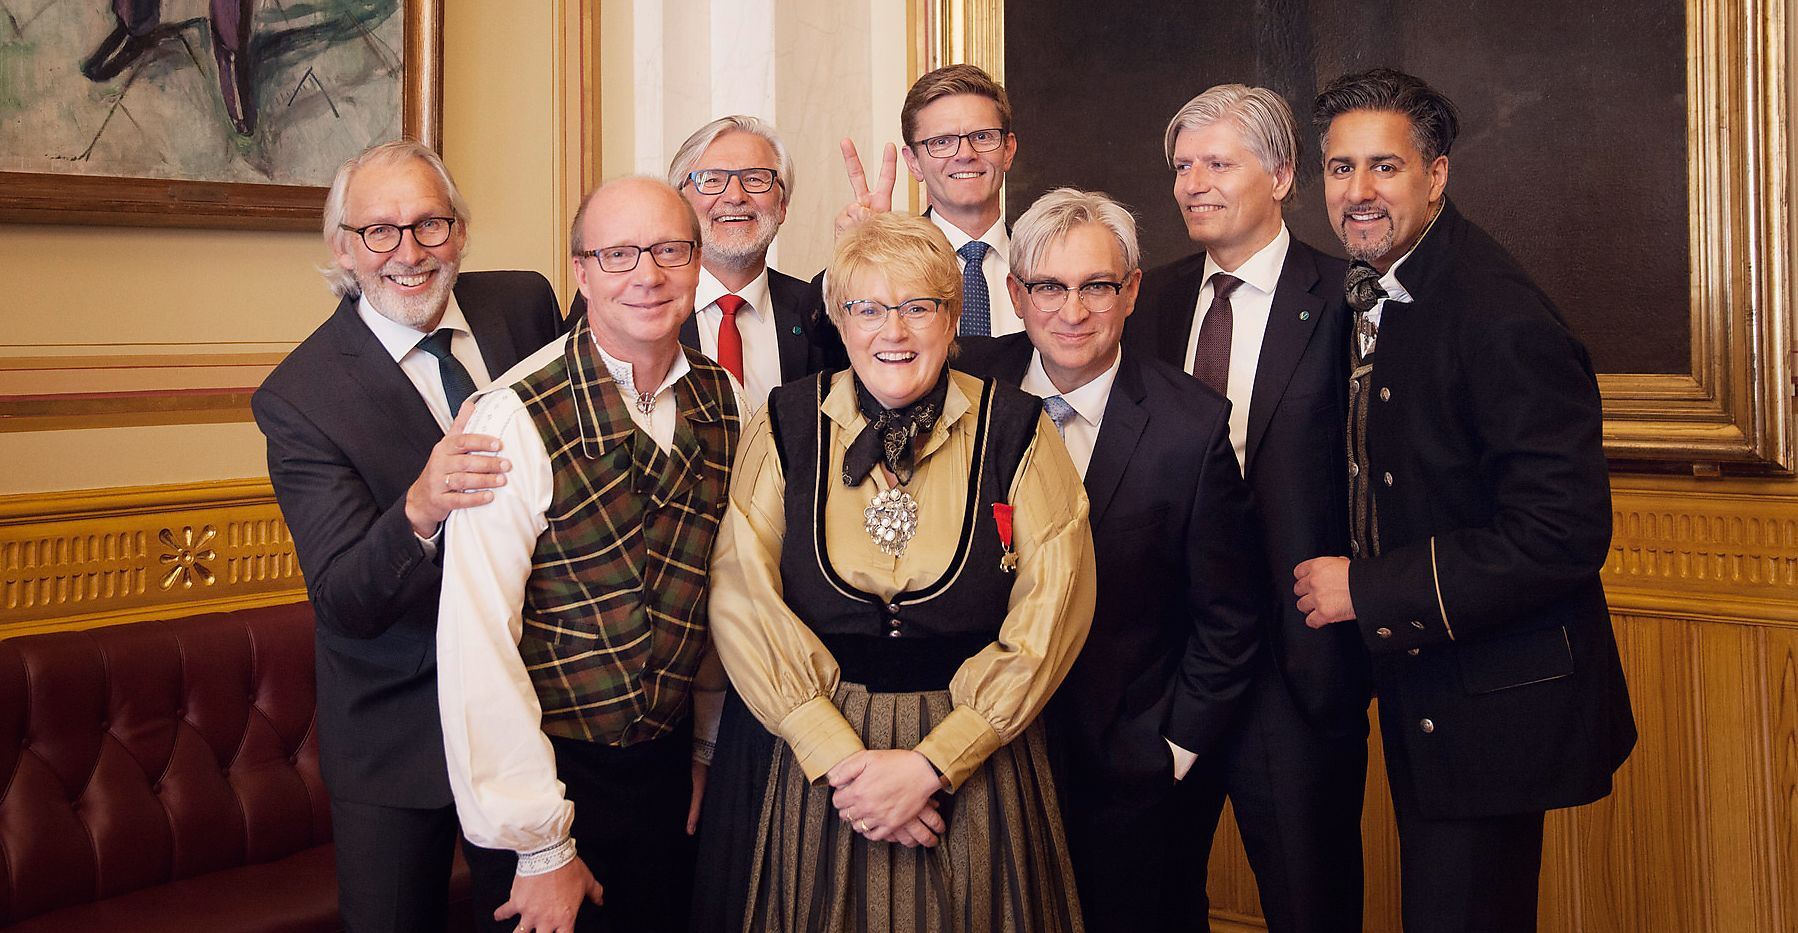 VENSTRES STORTINGSLAG: Gruppebilde av Venstres stortingsgruppe – med Kjetil Kjenseth i grønngul bunadsvest til venstre for partileder Trine Skei Grande. De andre er fra venstre: Carl Erik Grimstad, Jon Gunnes, Terje Breivik, André N. Skjelstad, Ola Elvestuen og Abid Raja.